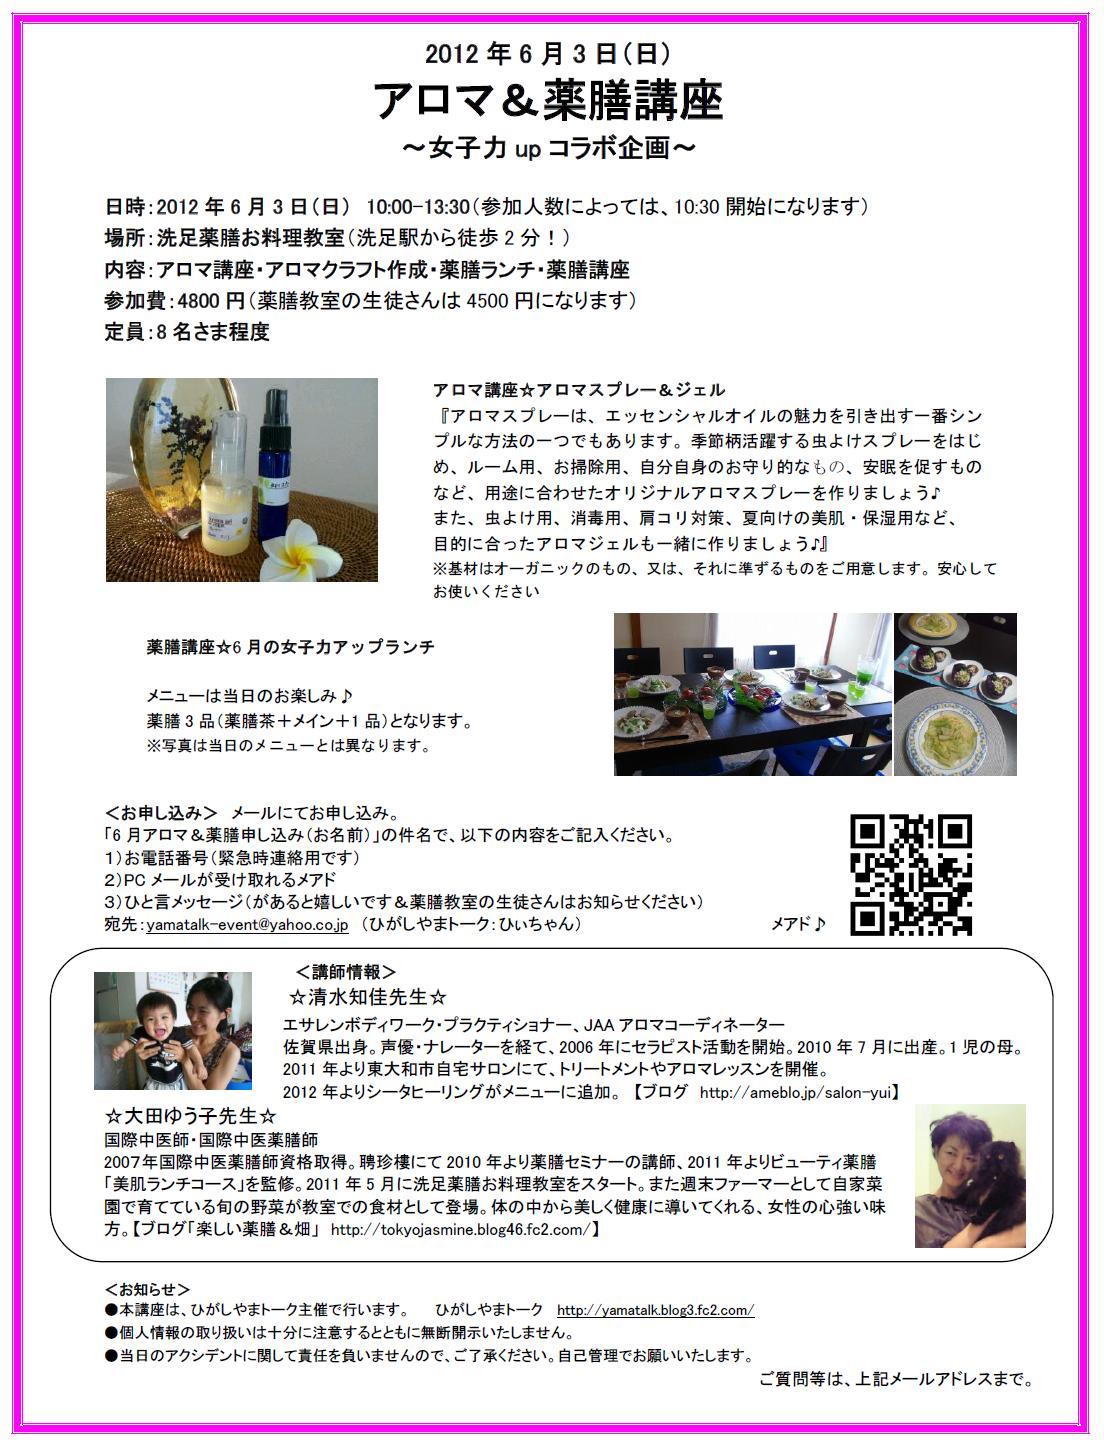 アロマ&薬膳コラボ企画_2012.6.3